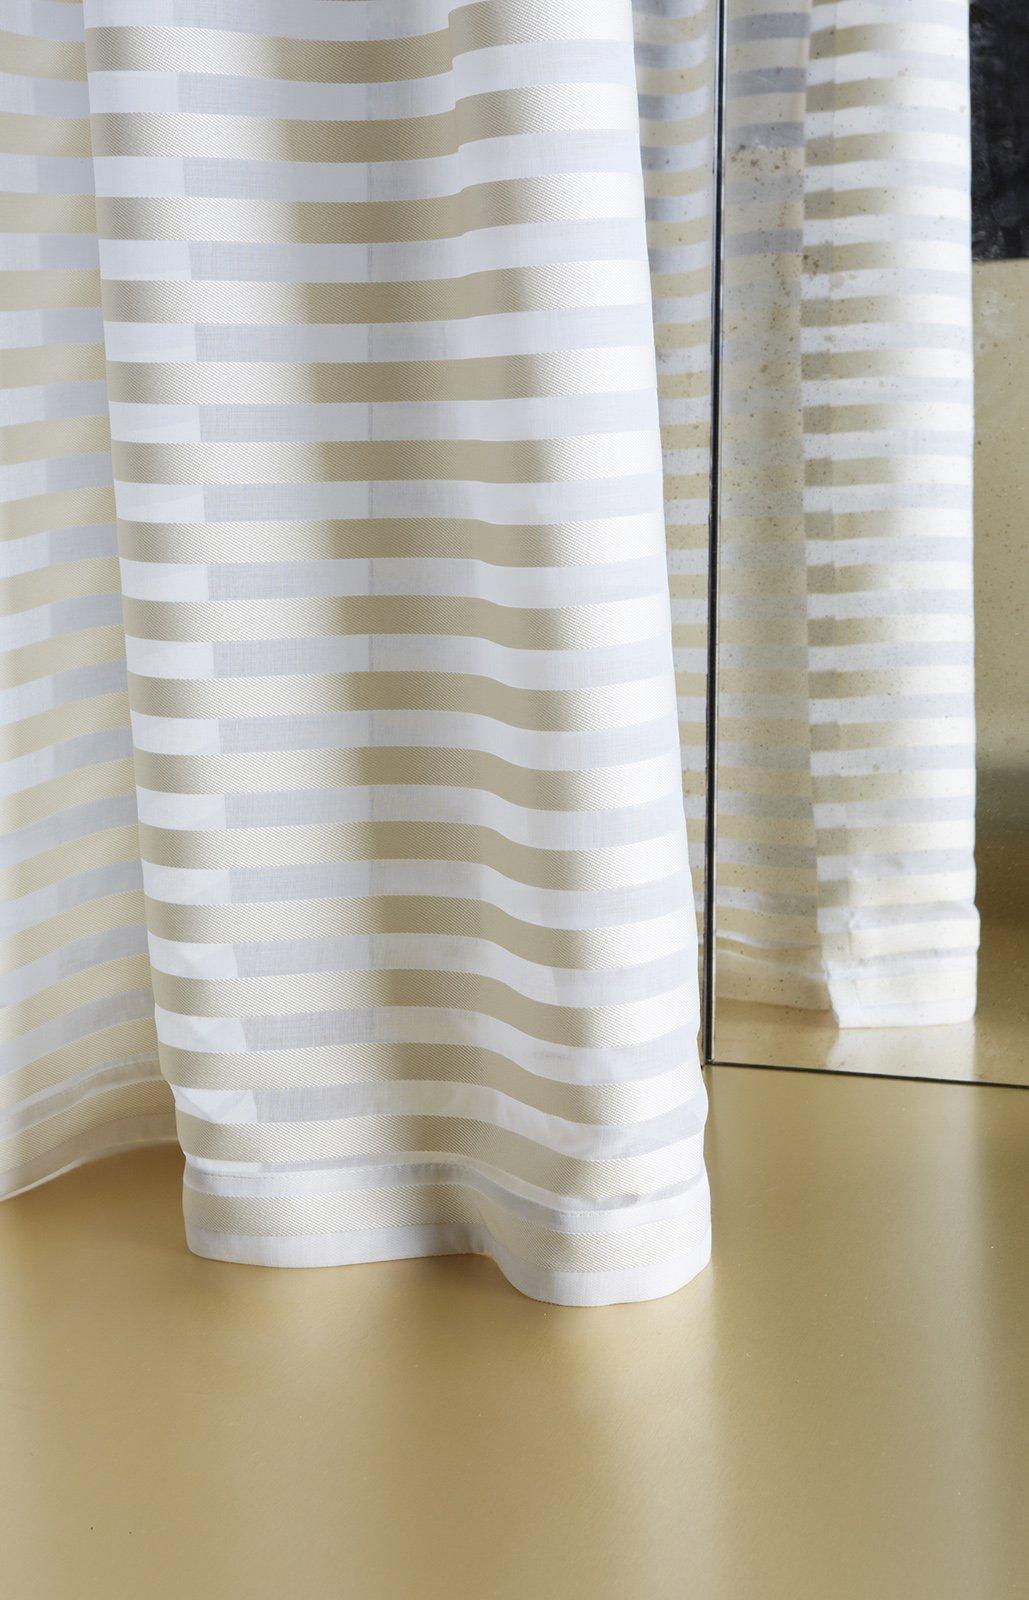 ... per la confezione di tende sia per ambienti classici sia contemporanei